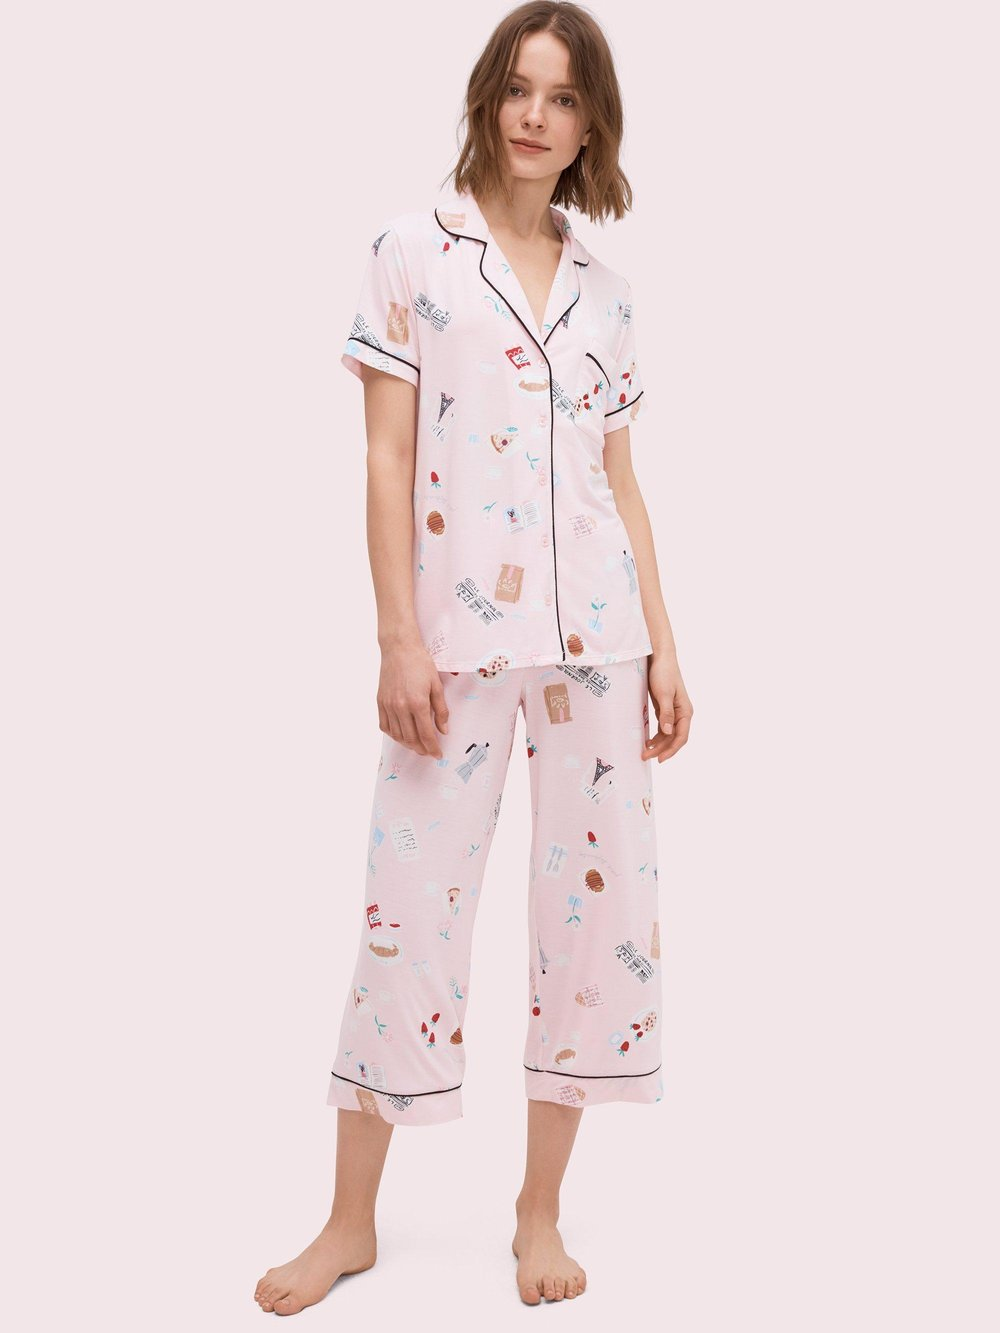 Parisian Breakfast Pajamas - Kate Spade, shop here.